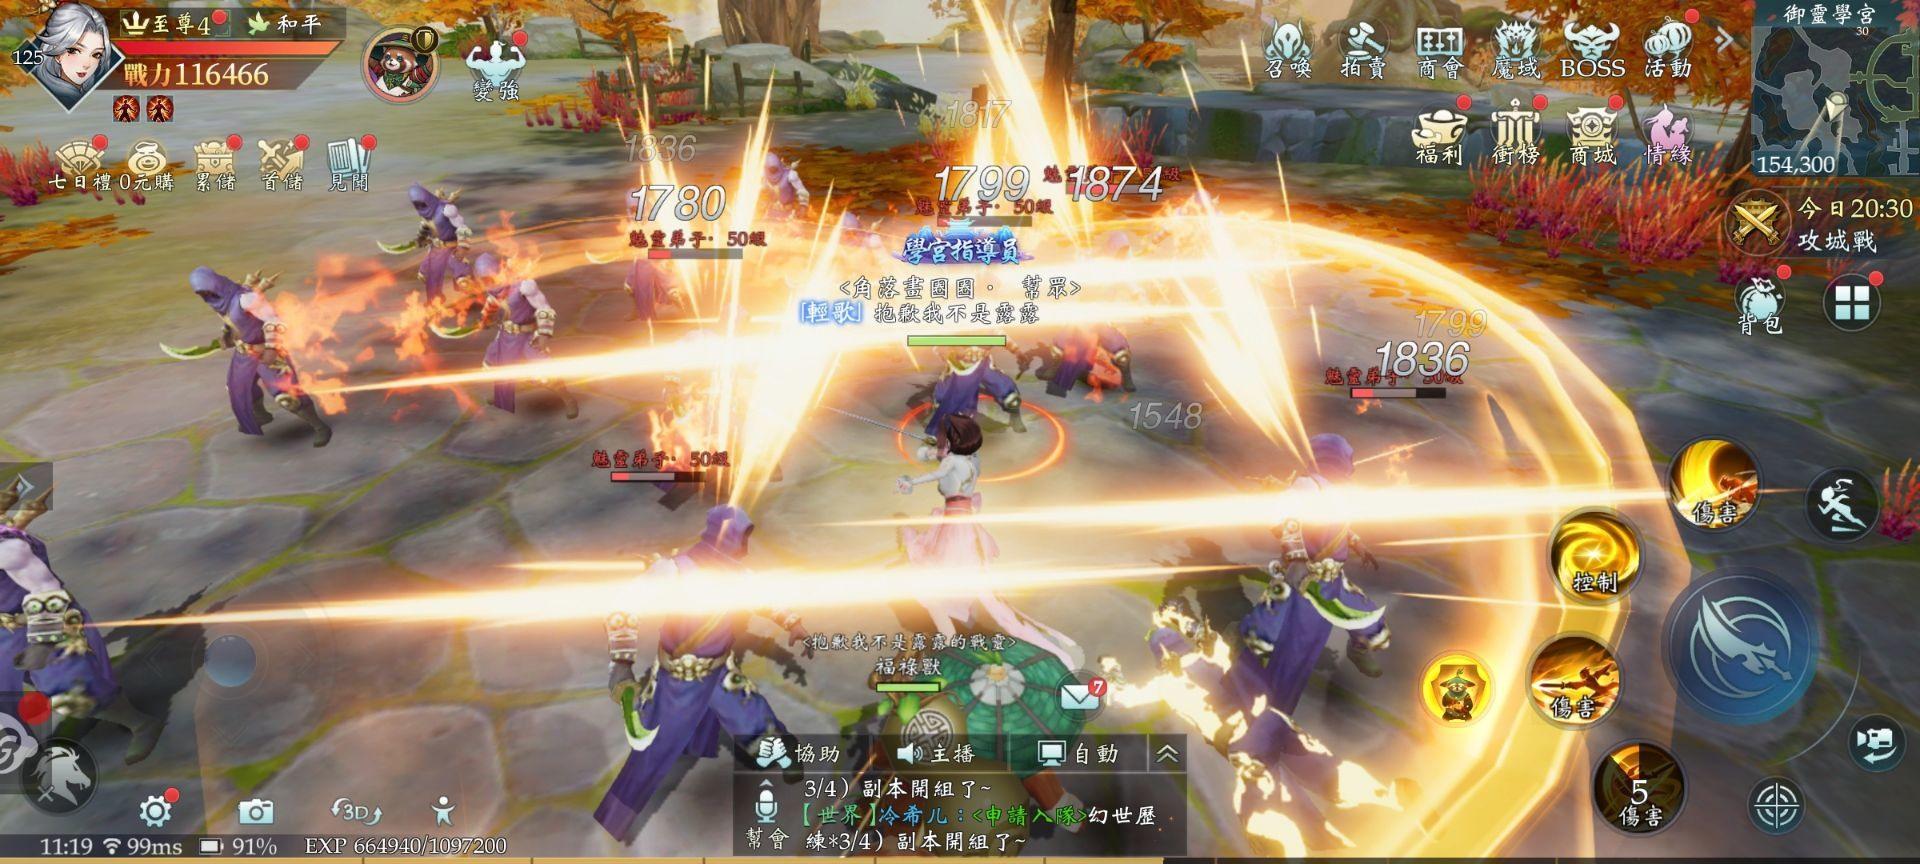 《九州幻想M》即將於11月25日上線 各州故事起落 風雲變幻來襲